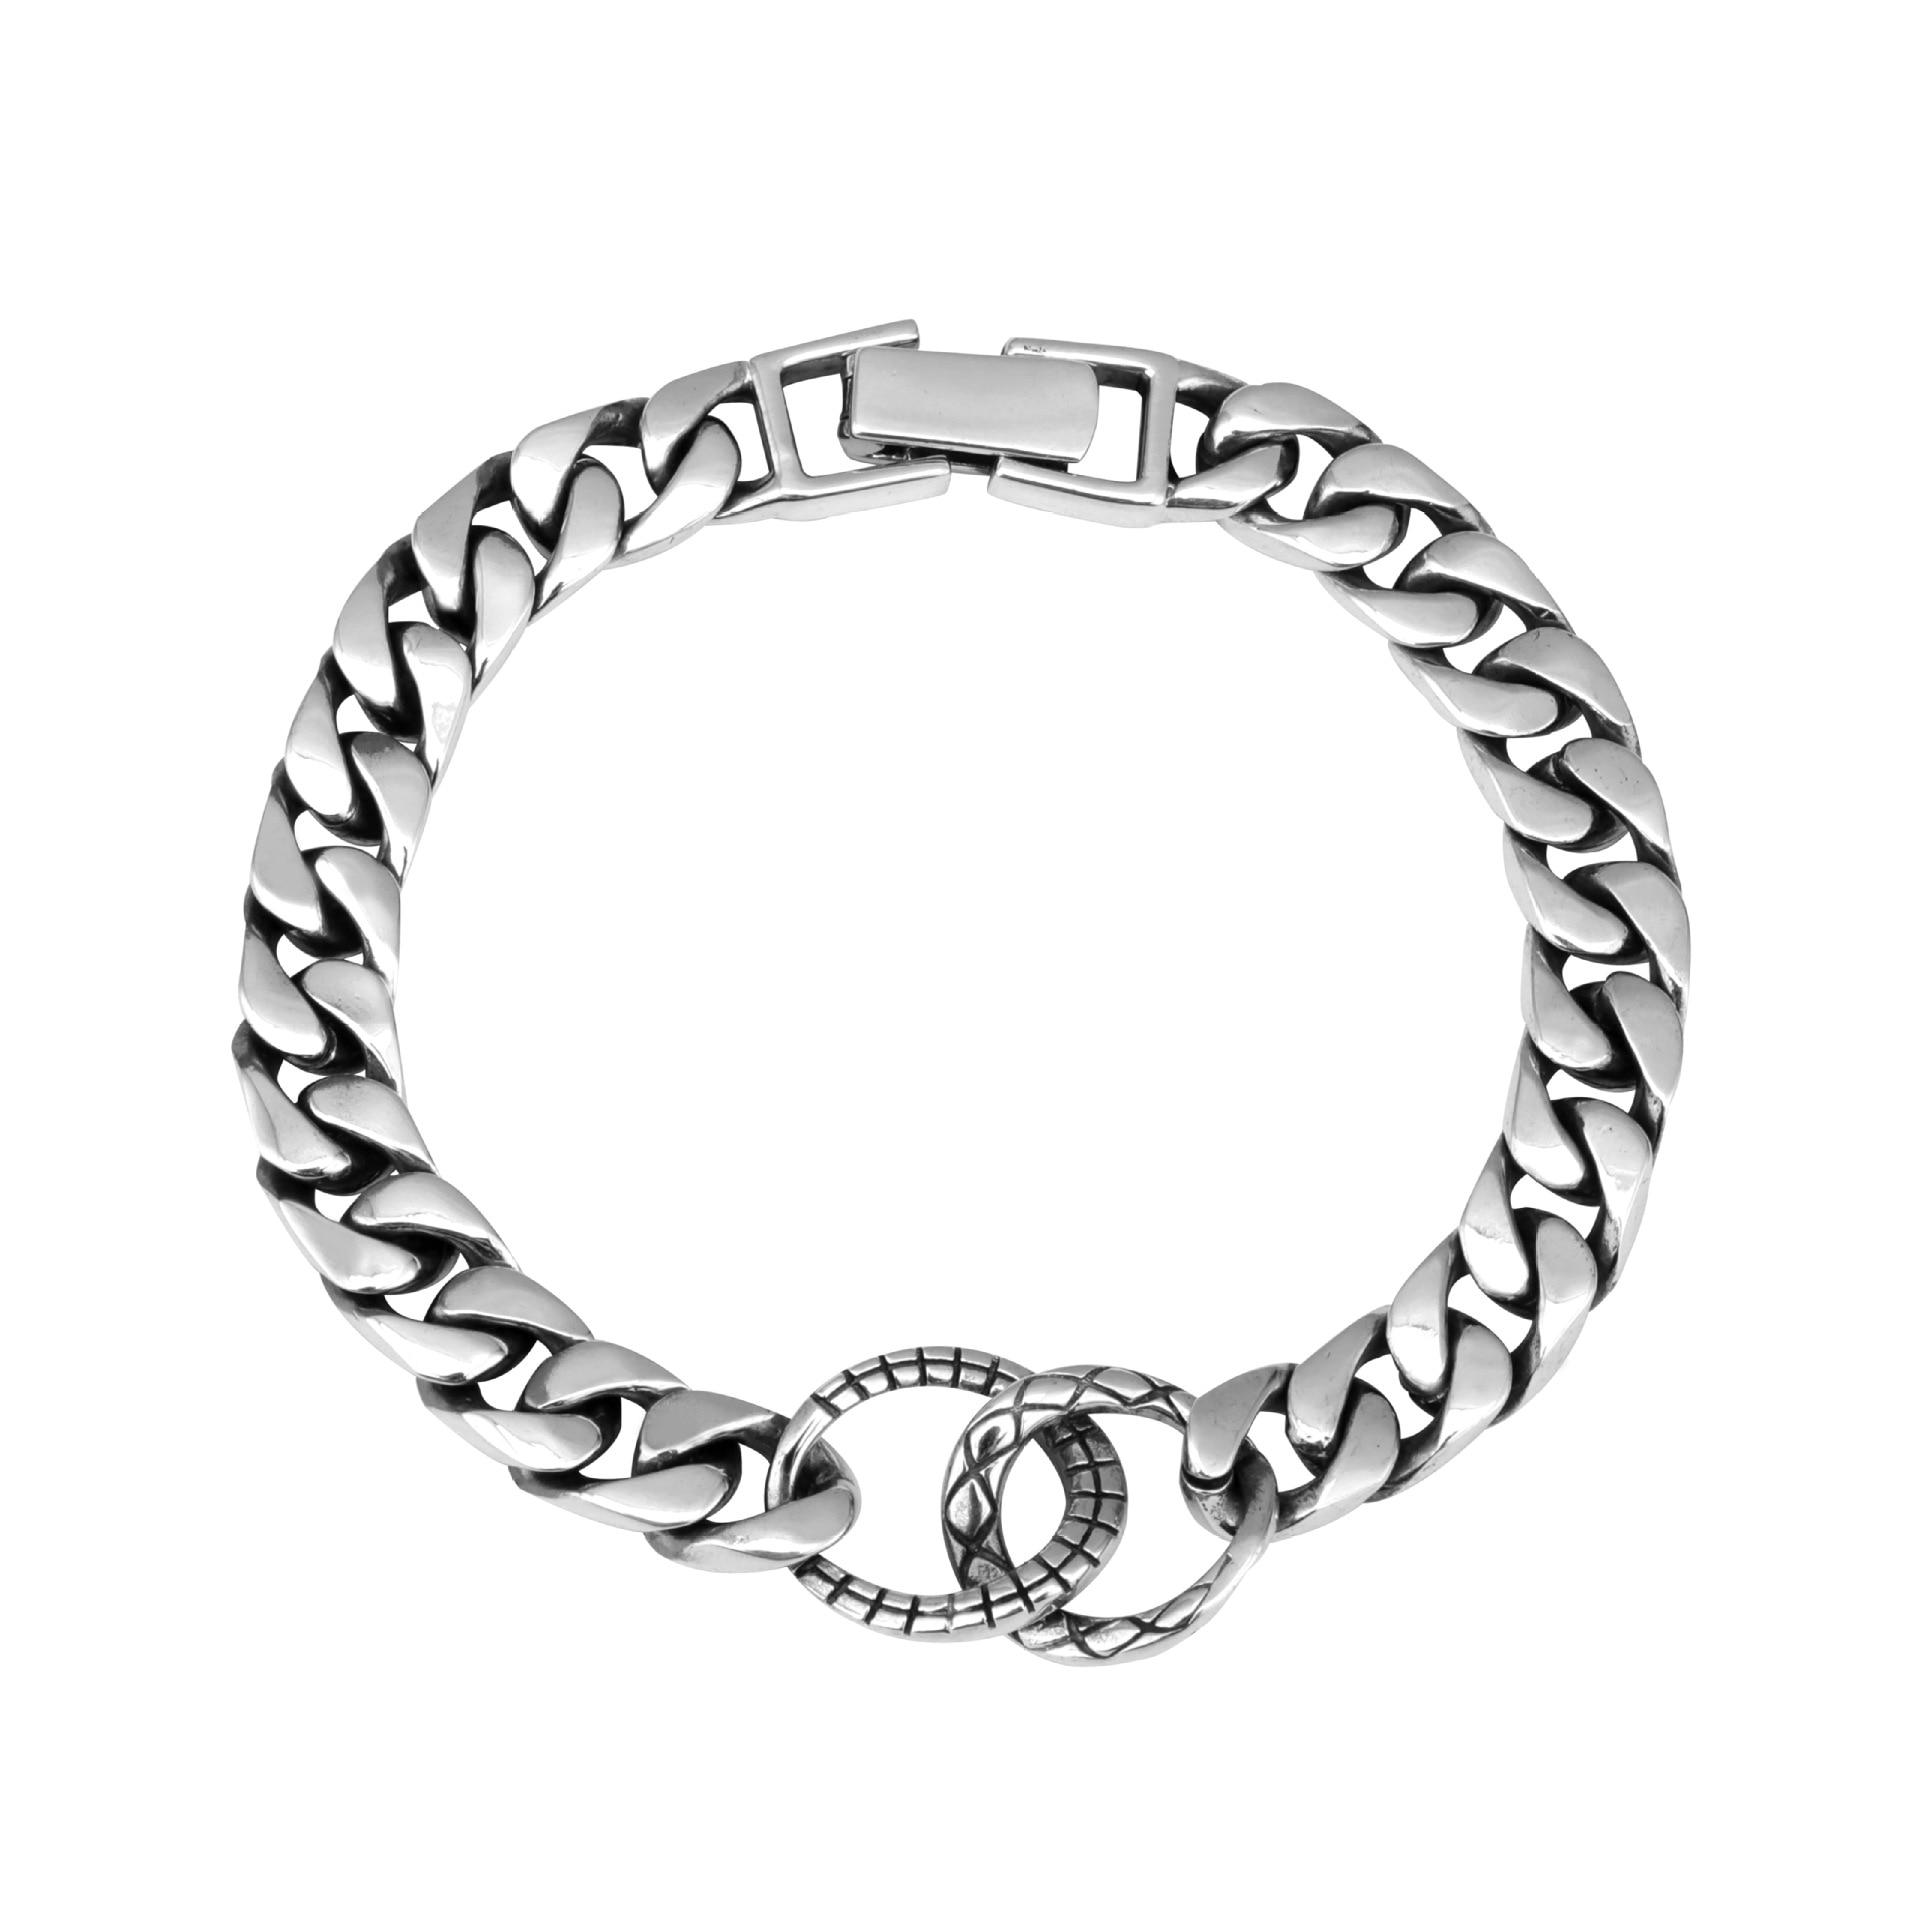 925 стерлингового серебра браслет пара простой дизайн ретро мода индивидуальный стиль ювелирных изделий, чтобы отправить подарки для любителей 2019 Лидер продаж - 5